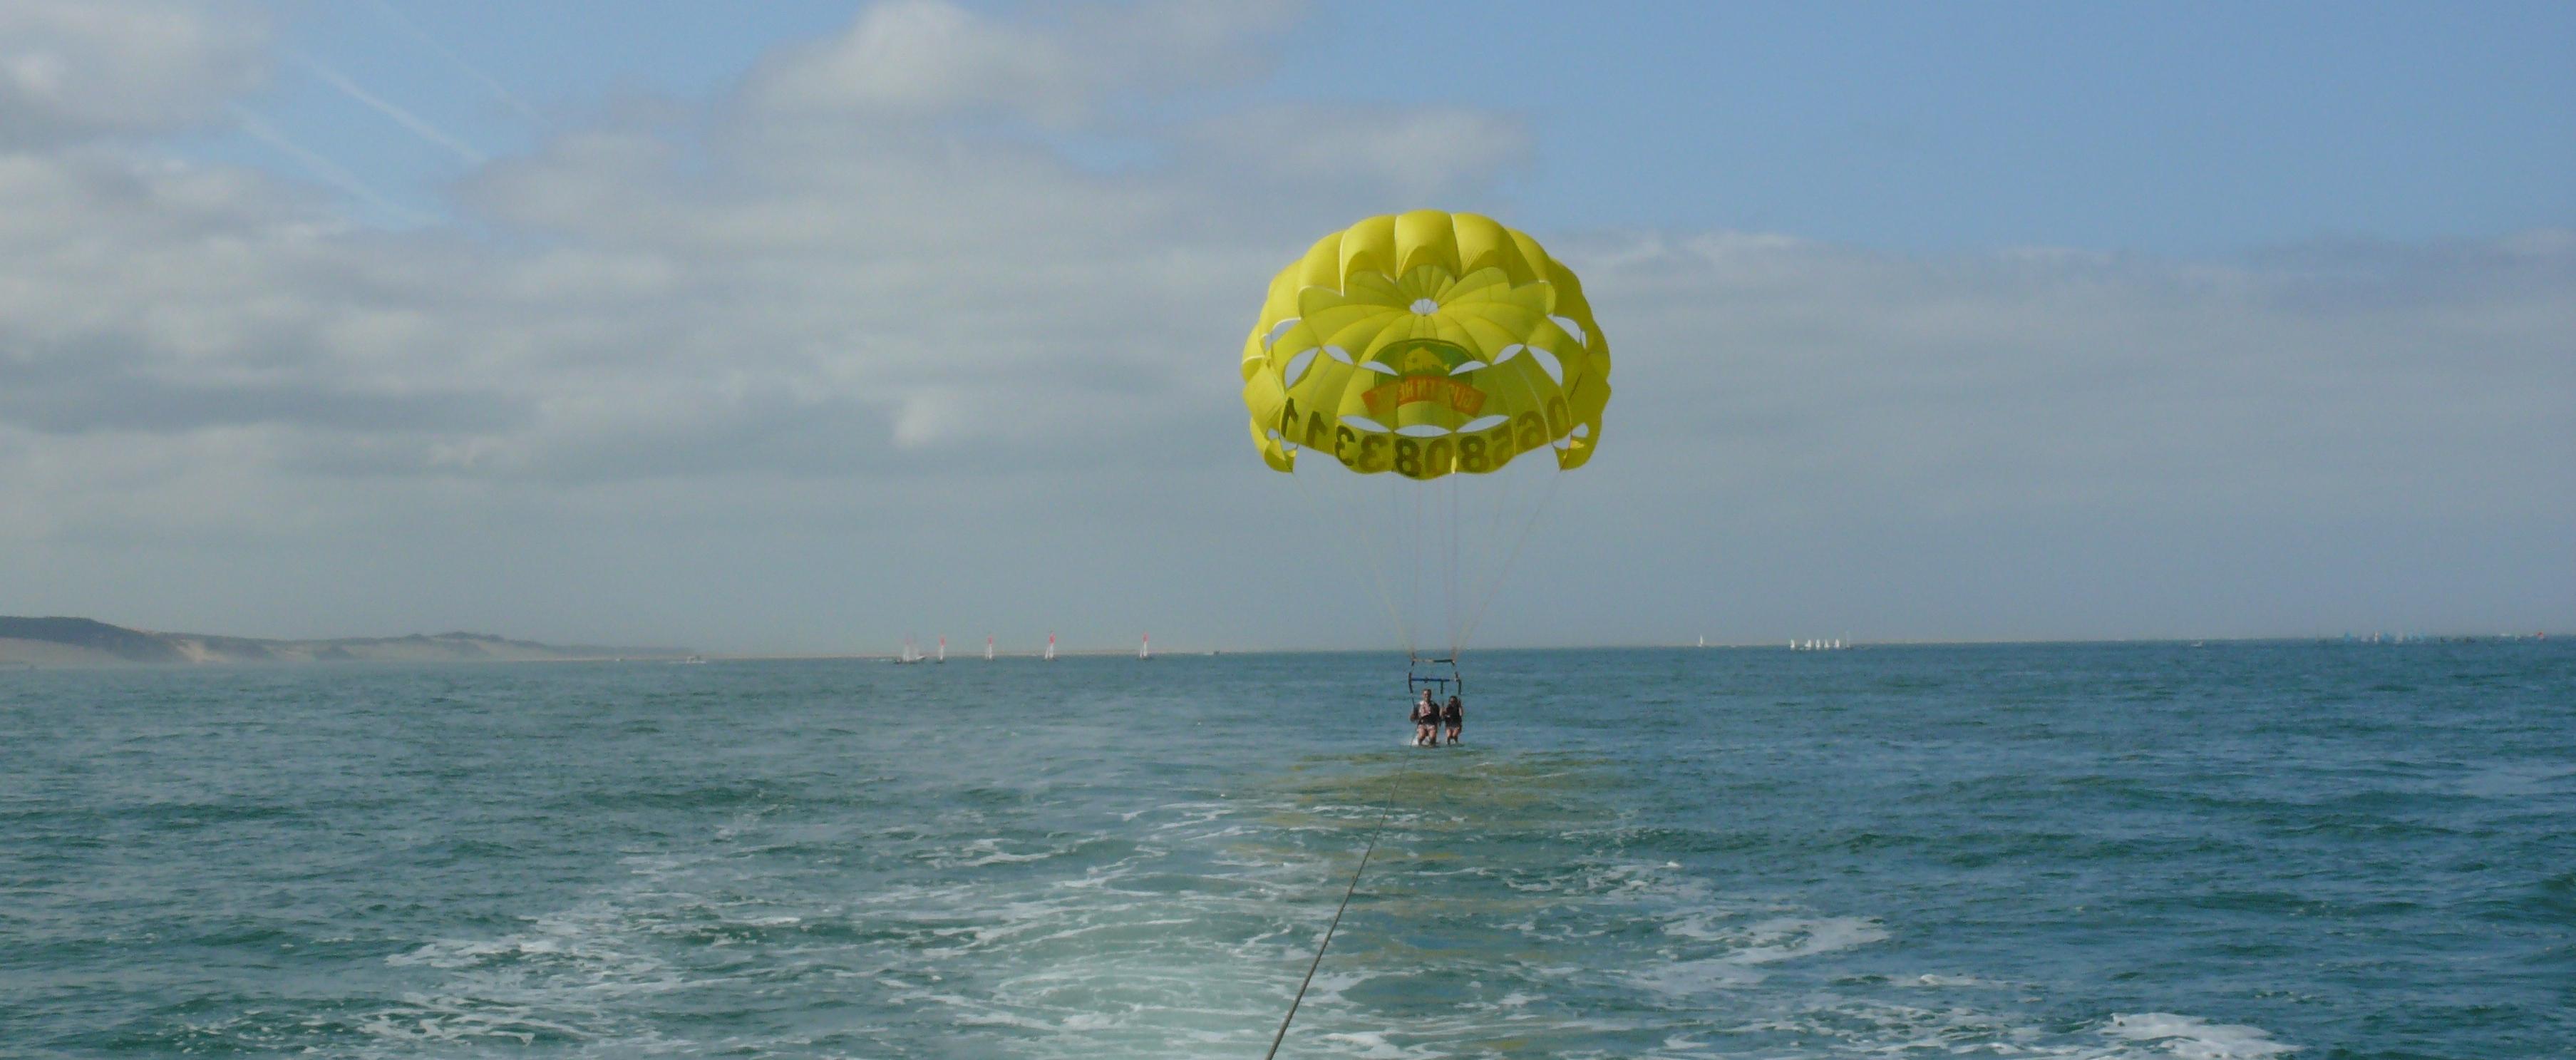 parachute-ascensionnel-Arcachon